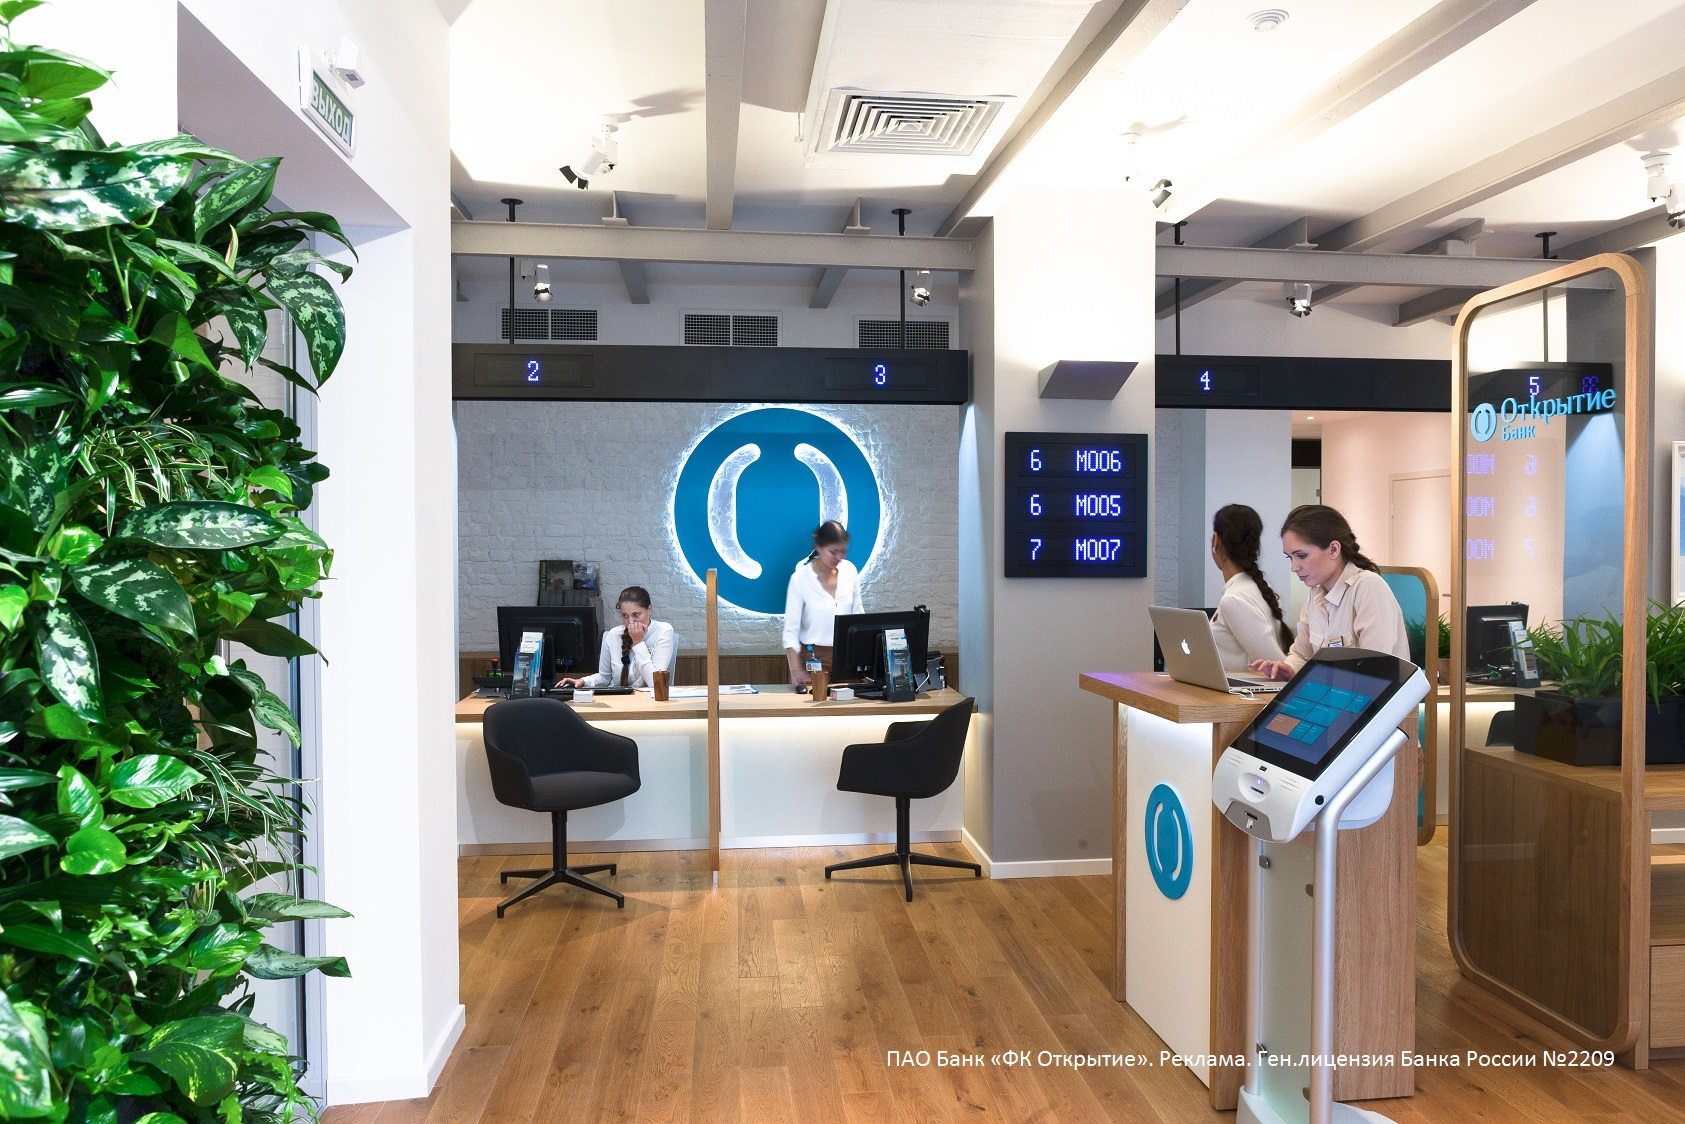 Предприниматели могут заказать карты через интернет-банк «Бизнес-портал» с доставкой курьером